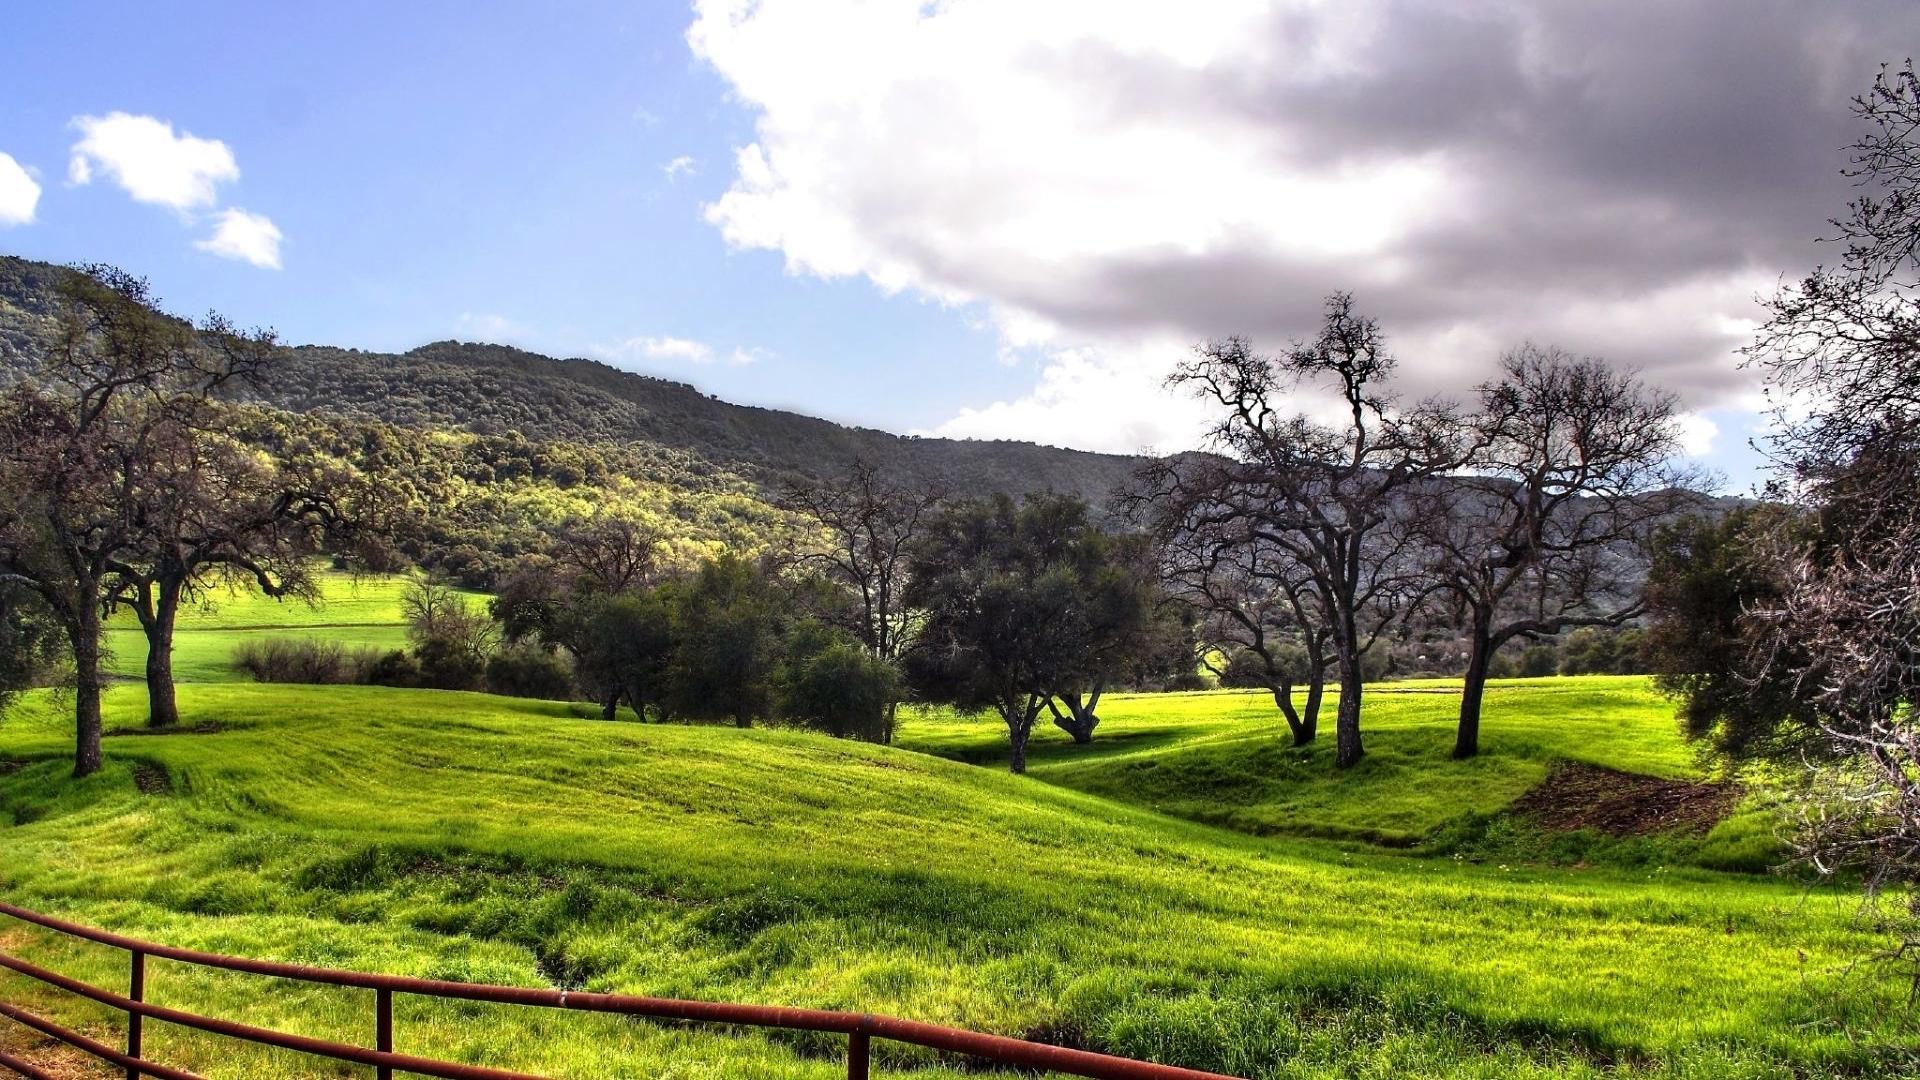 25763 скачать обои Пейзаж, Деревья, Трава - заставки и картинки бесплатно